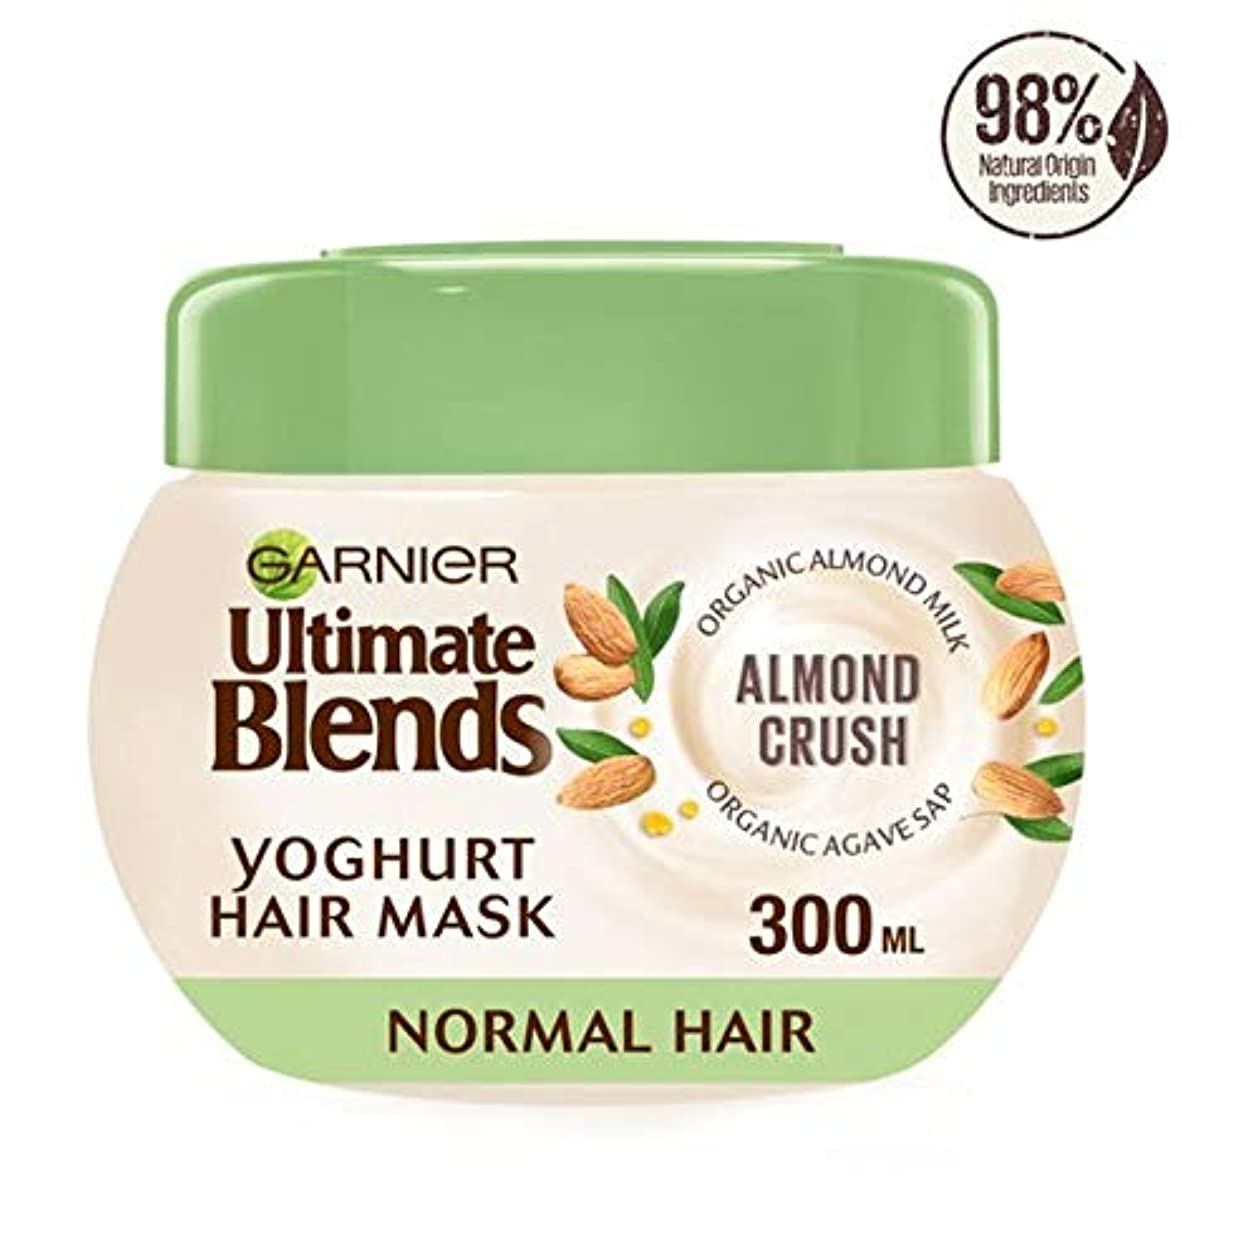 我慢する動機付ける集中[Ultimate Blends] ガルニエ究極はアーモンドミルクマスクノーマルヘア300ミリリットルをブレンド - Garnier Ultimate Blends Almond Milk Mask Normal Hair...